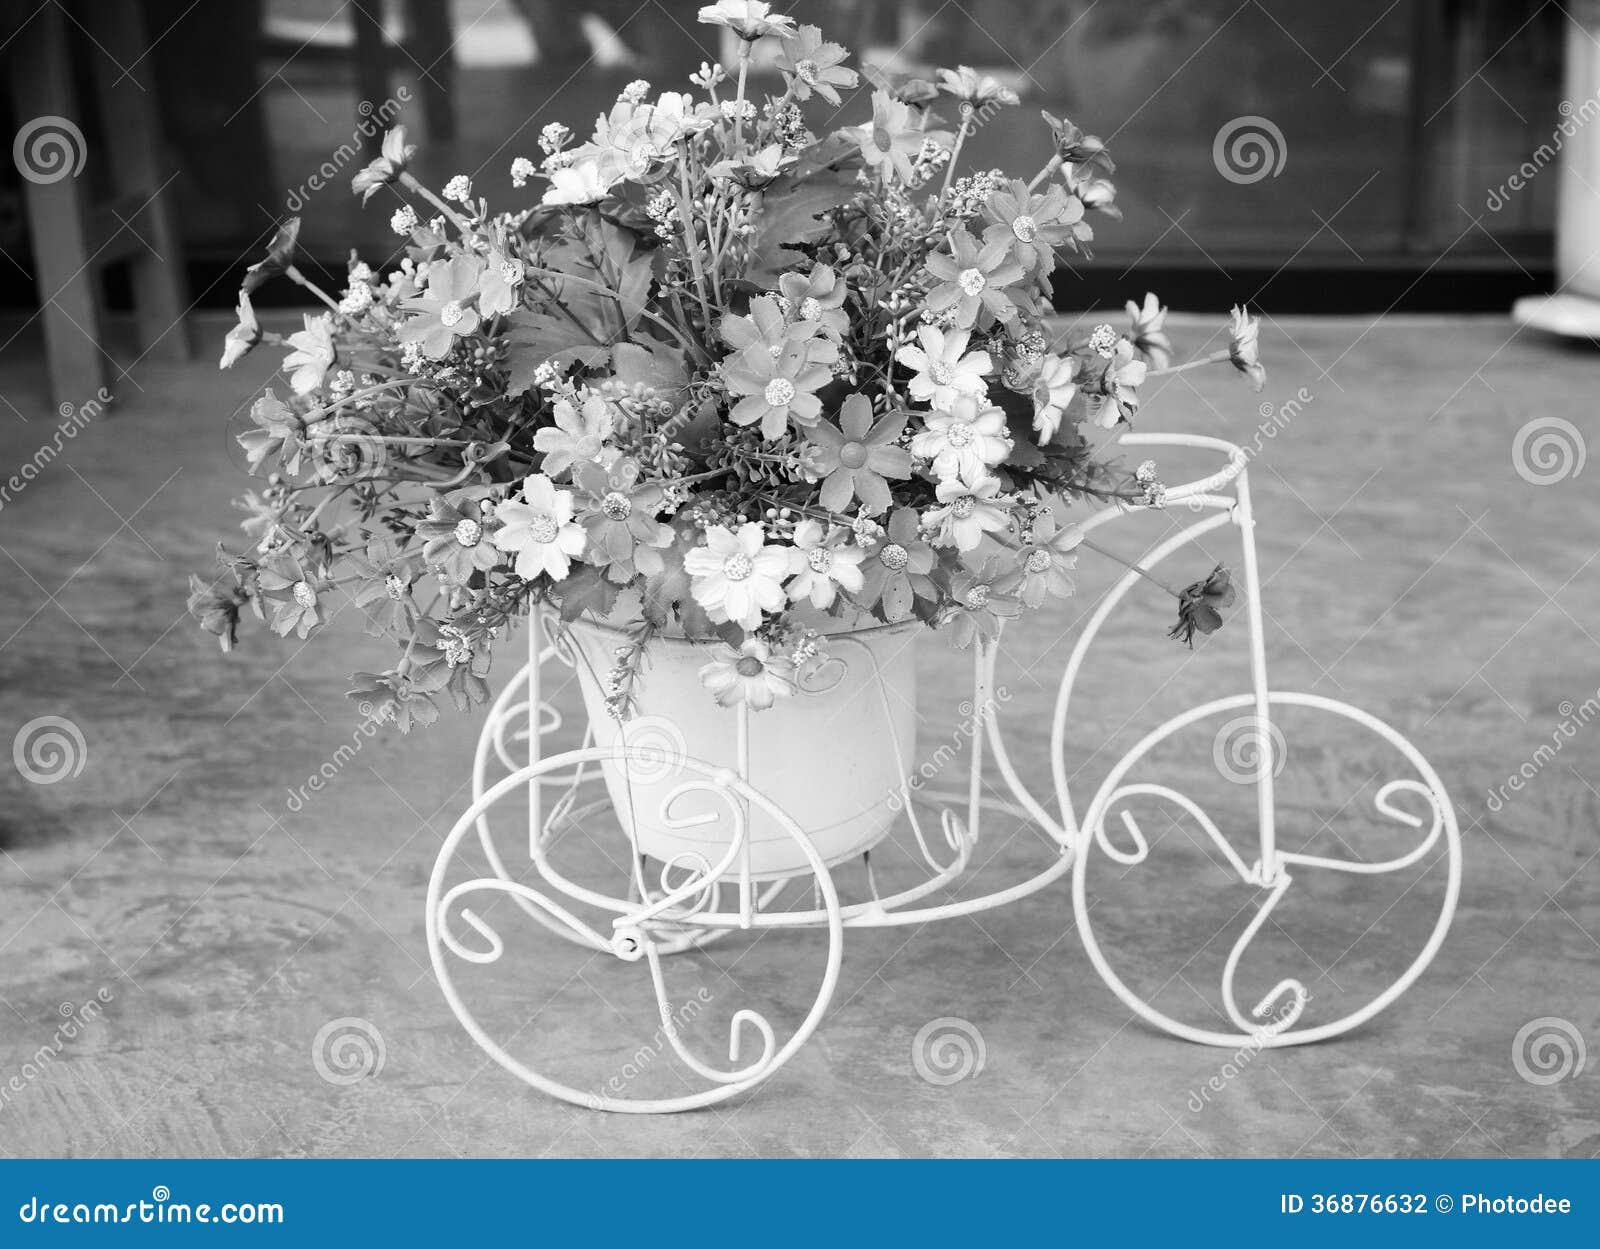 Download Bei fiori del crisantemo fotografia stock. Immagine di crisantemo - 36876632